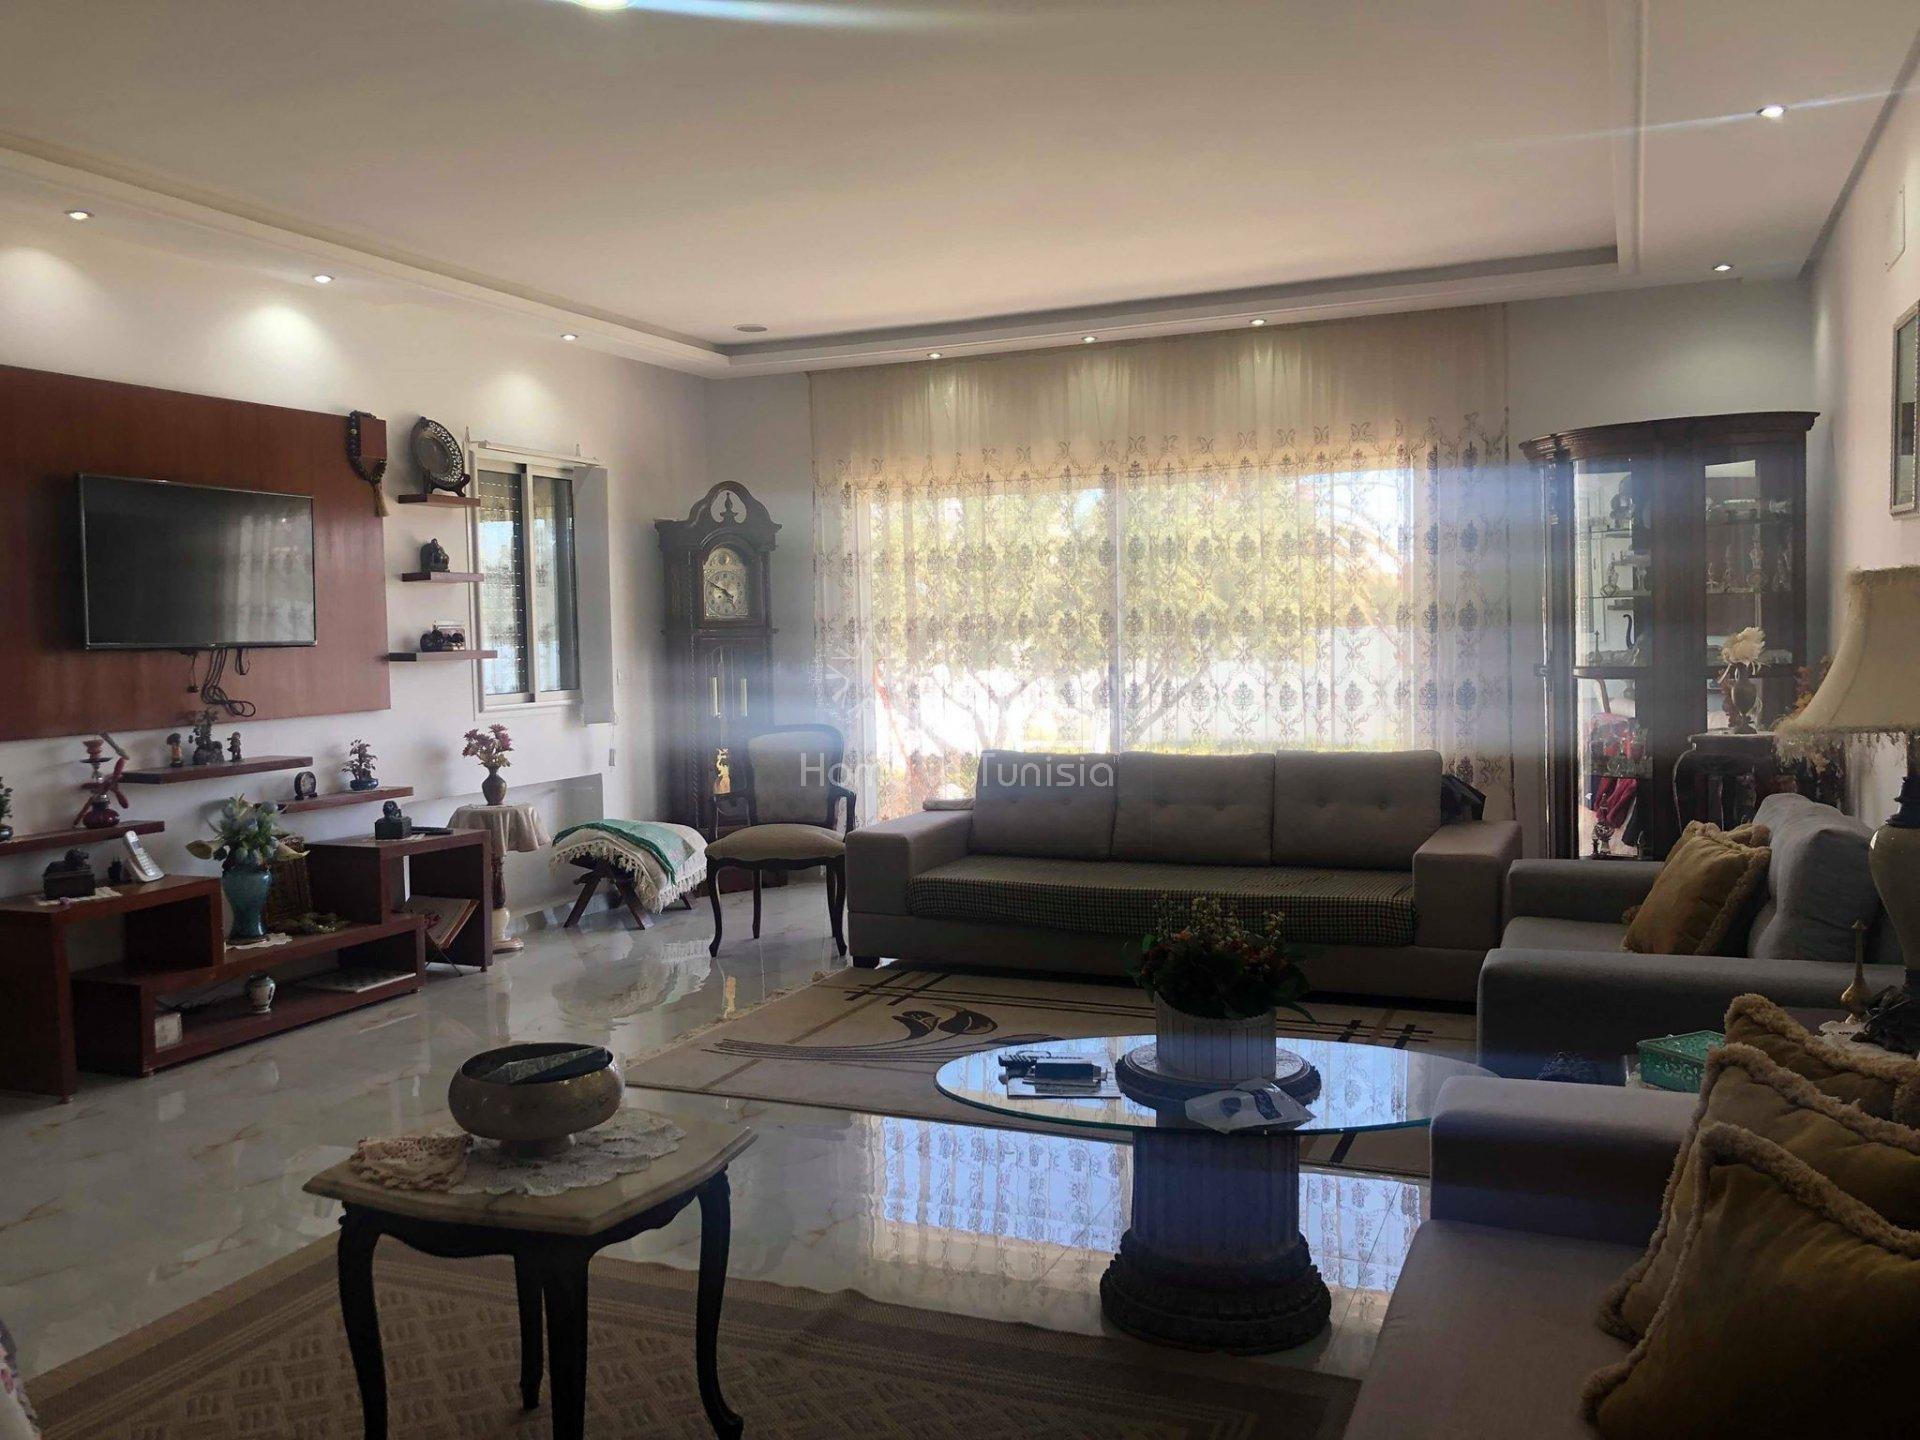 Vente Villa plain-pieds à Hammam Sousse